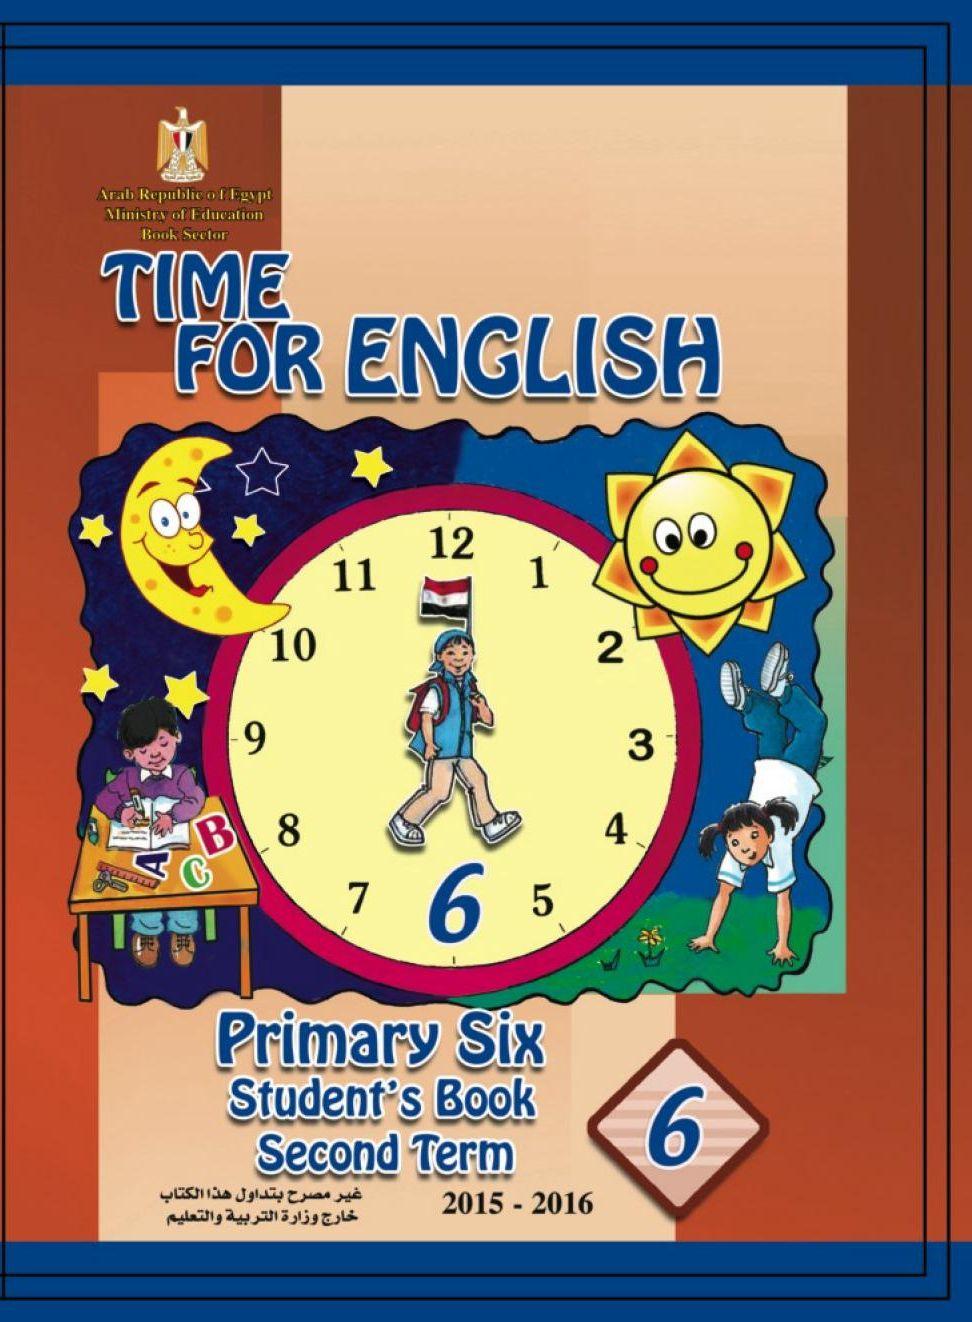 كتاب Student's Book للصف السادس الإبتدائي الترم الأول والثاني 2018